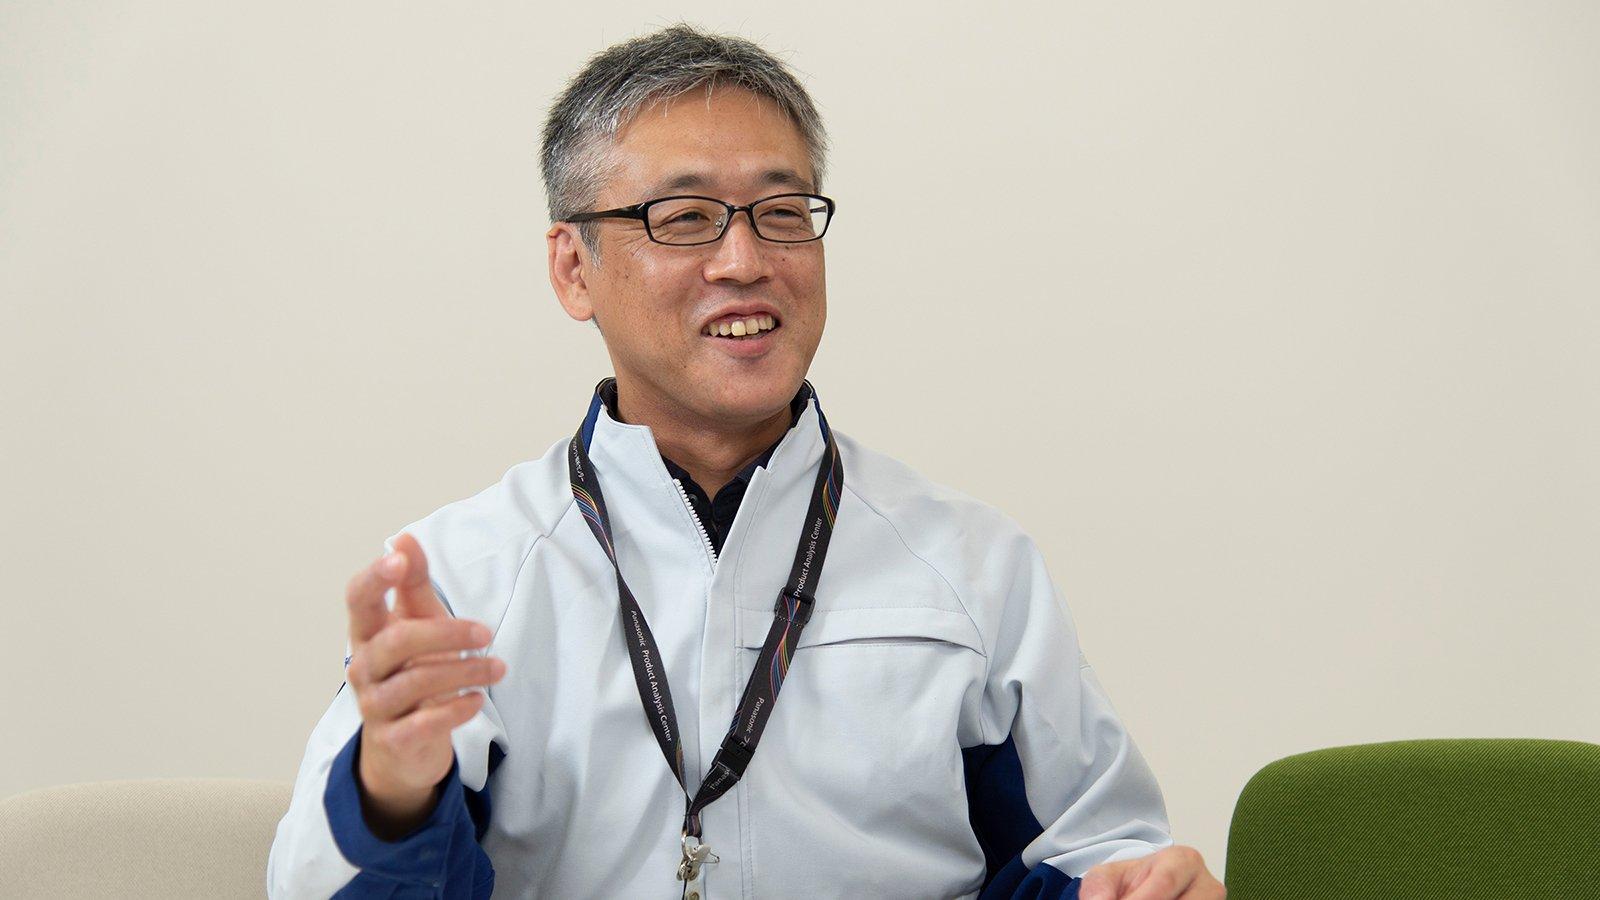 写真:パナソニック株式会社 プロダクト解析センター ユーザビリティソリューション部 UX解析課 野田 聡